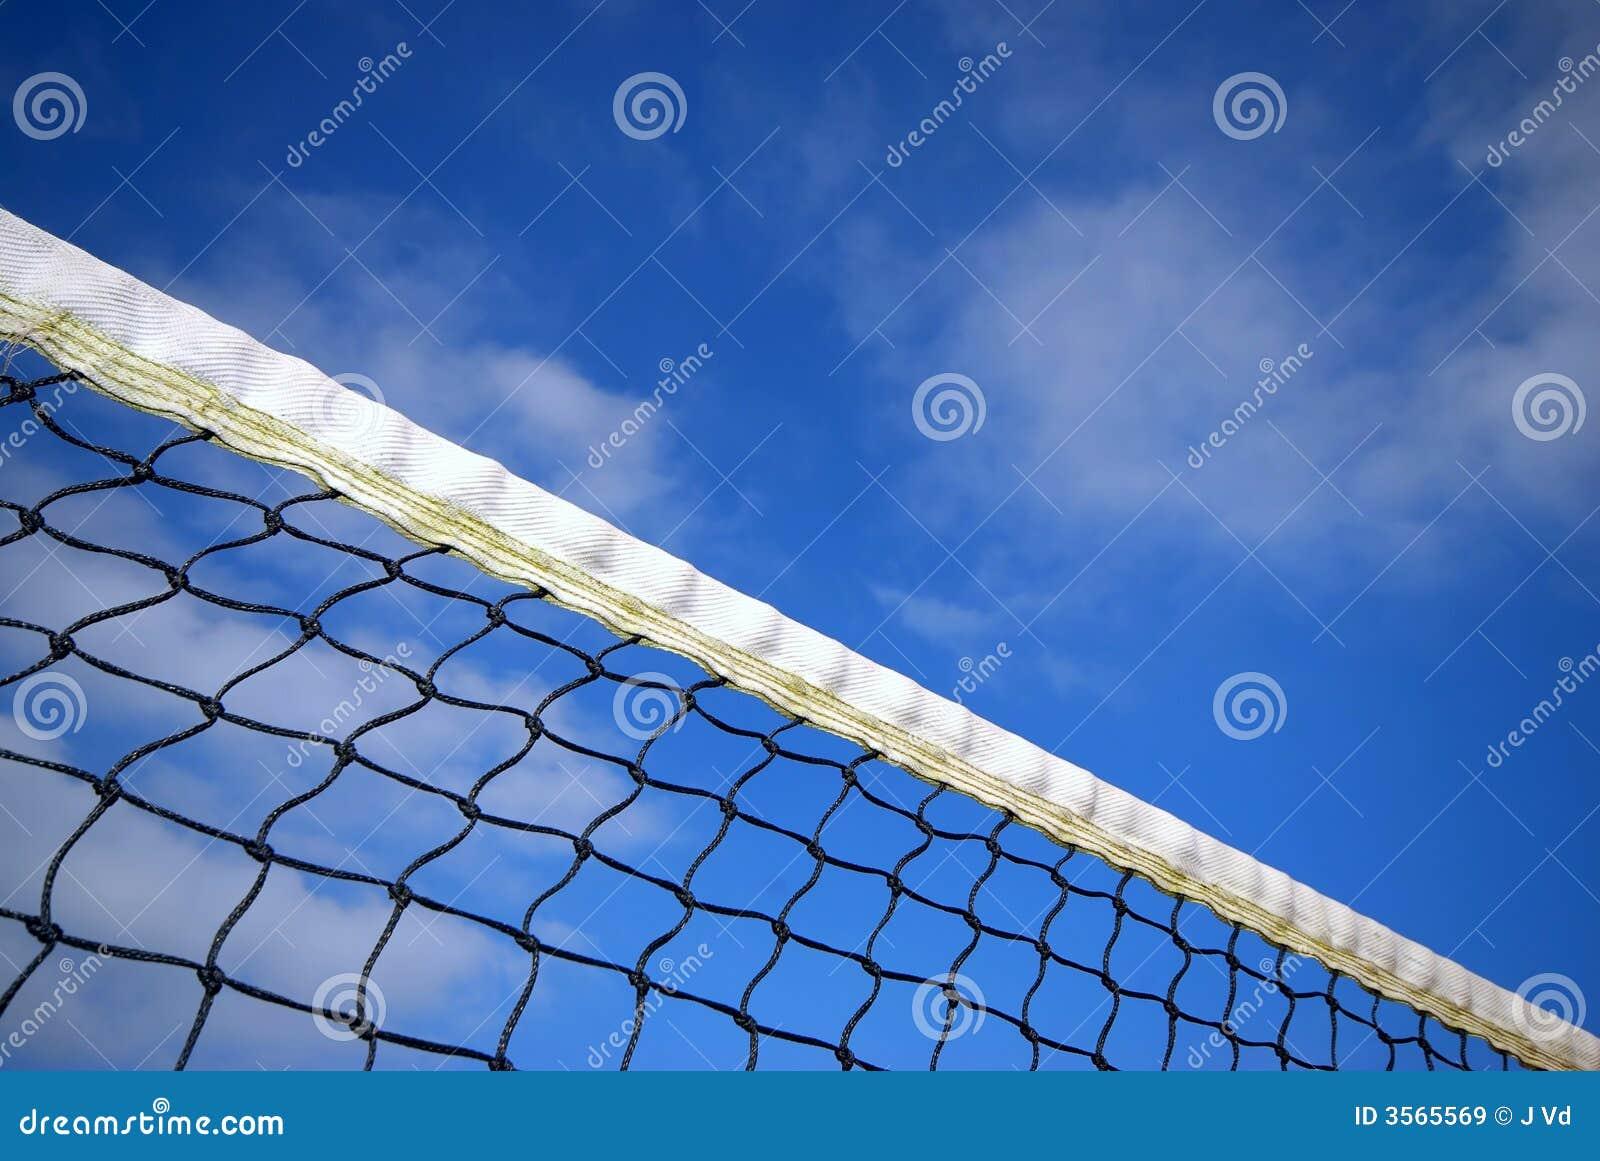 Rete di tennis